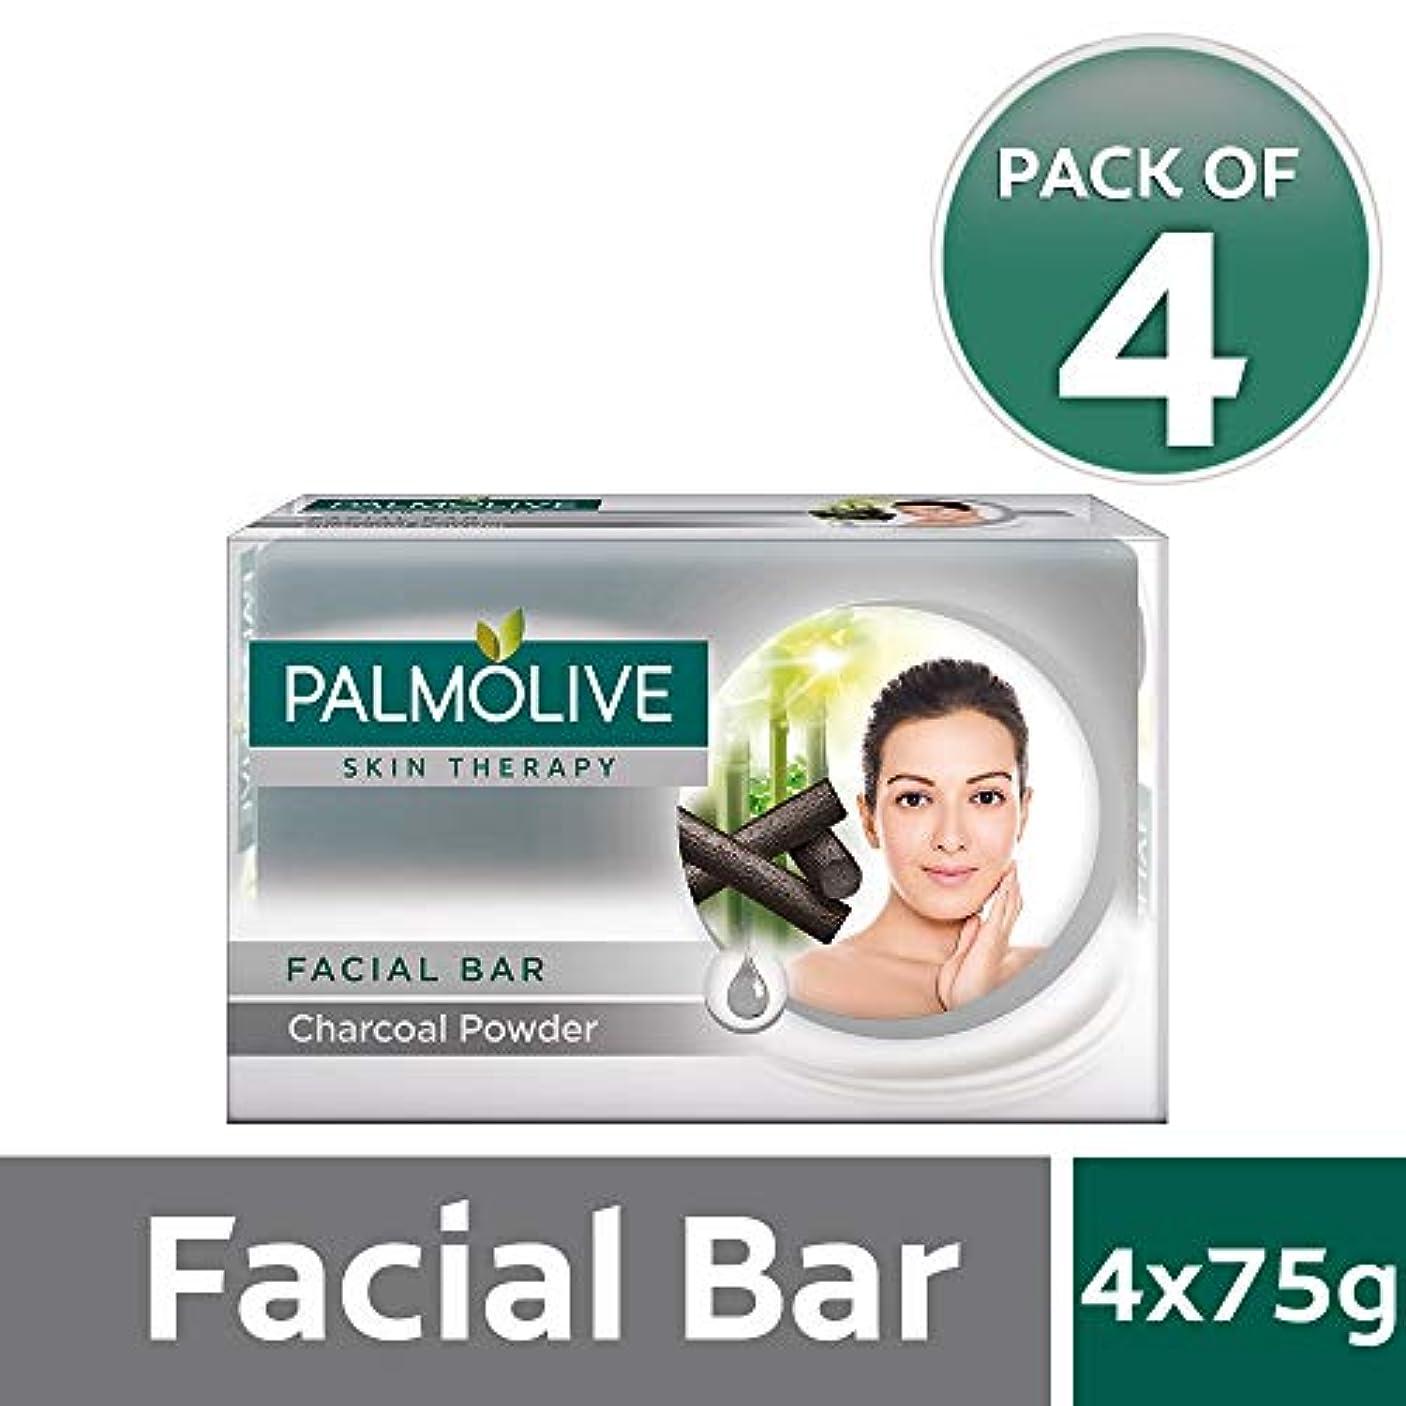 交換シャット詐欺Palmolive Skin Therapy Facial Bar Soap with Charcoal Powder - 75g (Pack of 4)